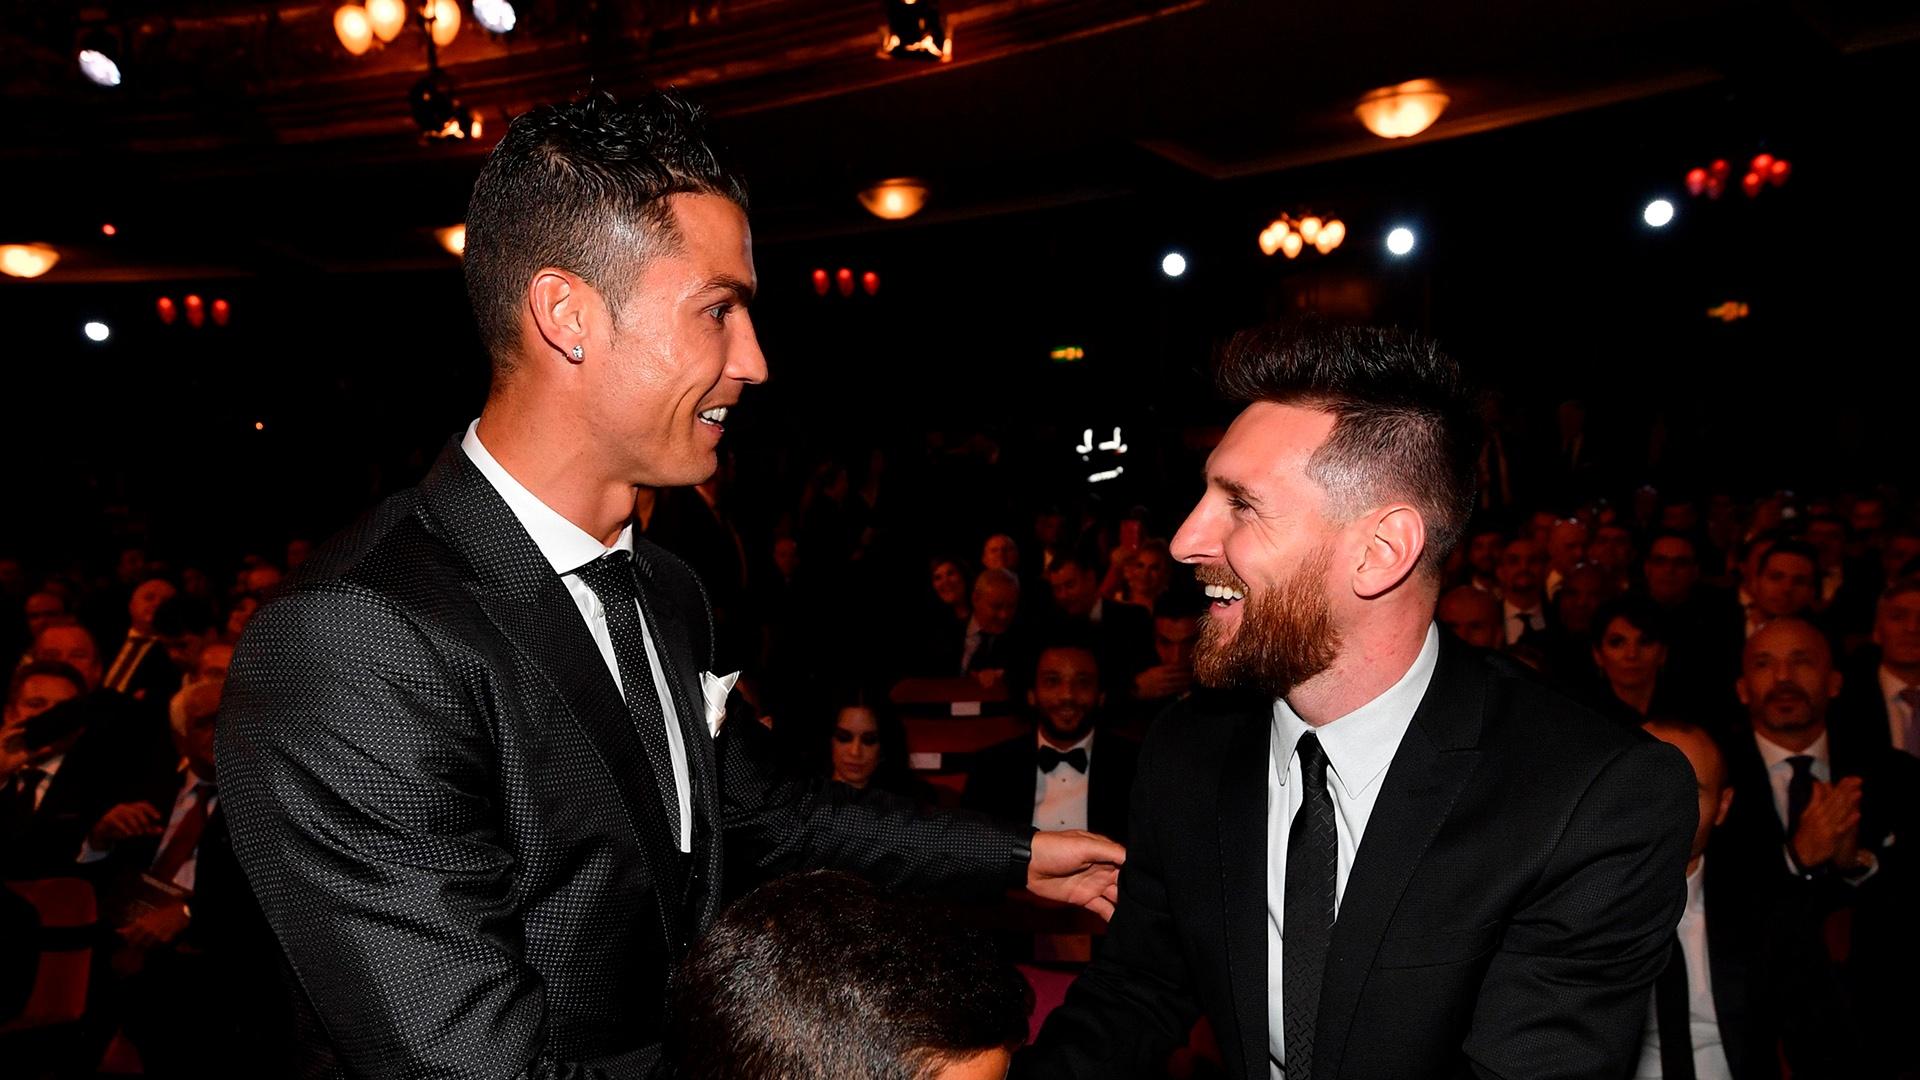 Será o fim do Império de Messi e CR7 no futebol?